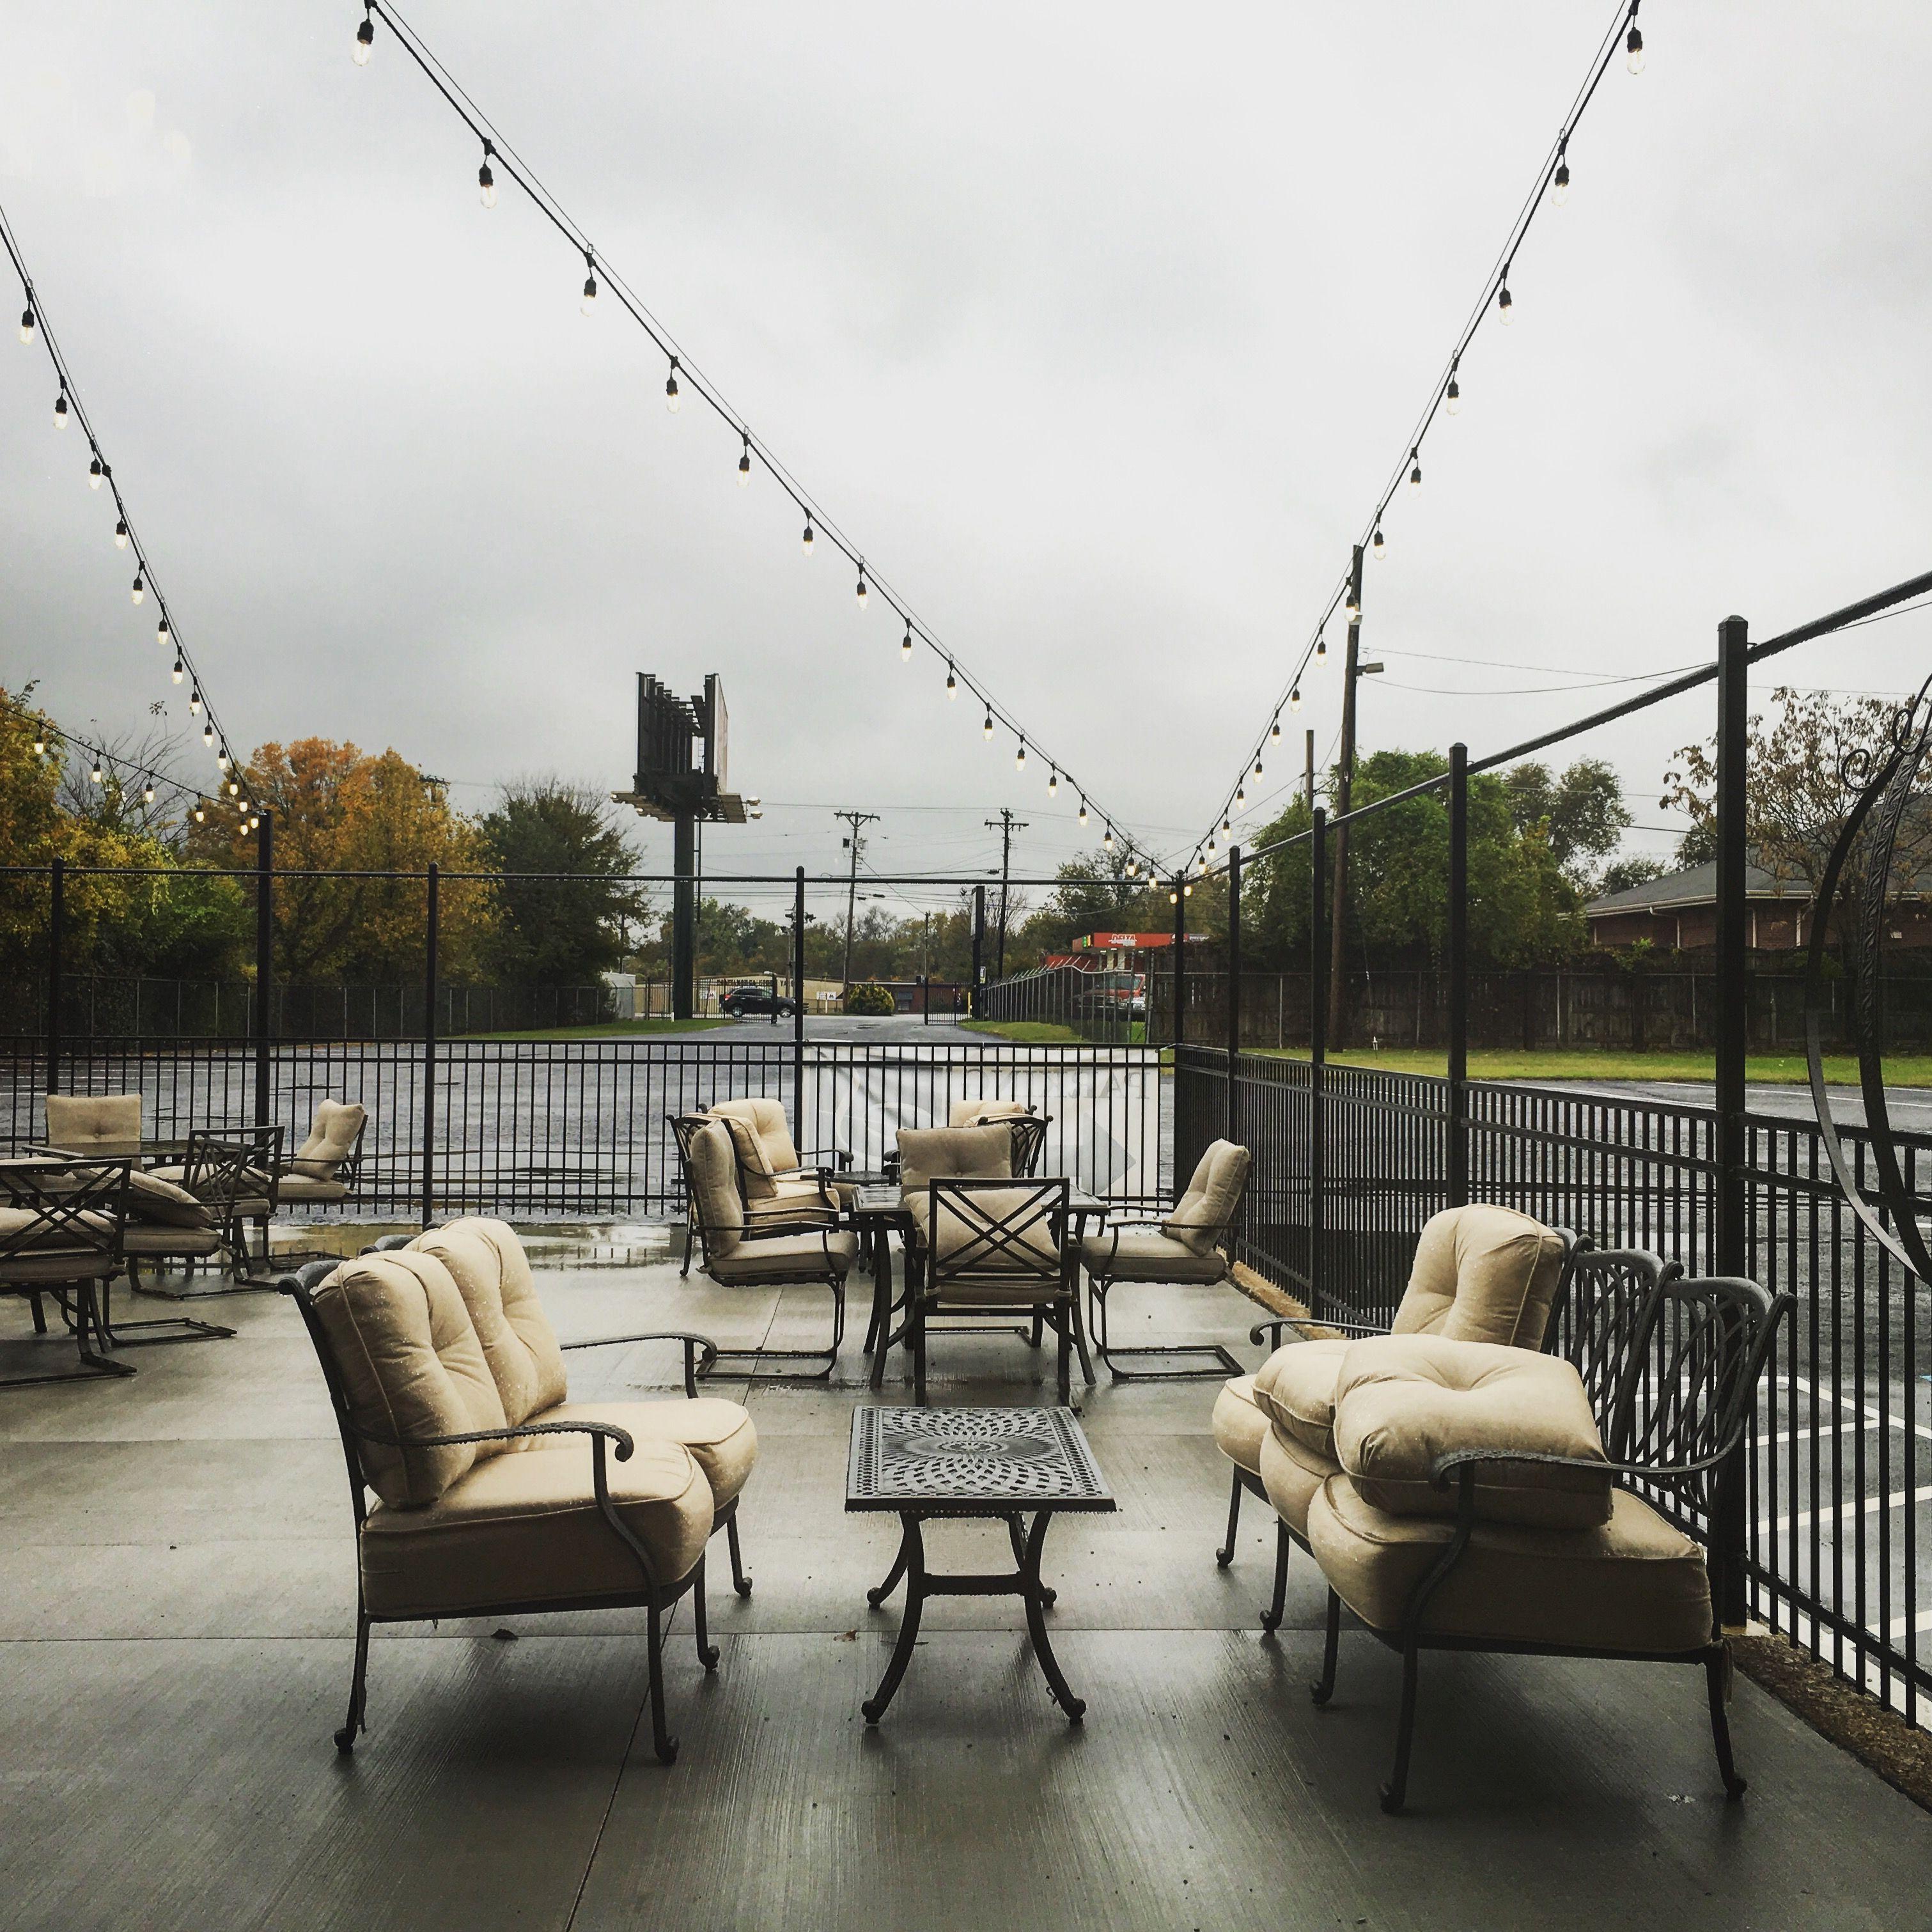 Patio Furniture Rustic Event Venue Chattanooga Tn